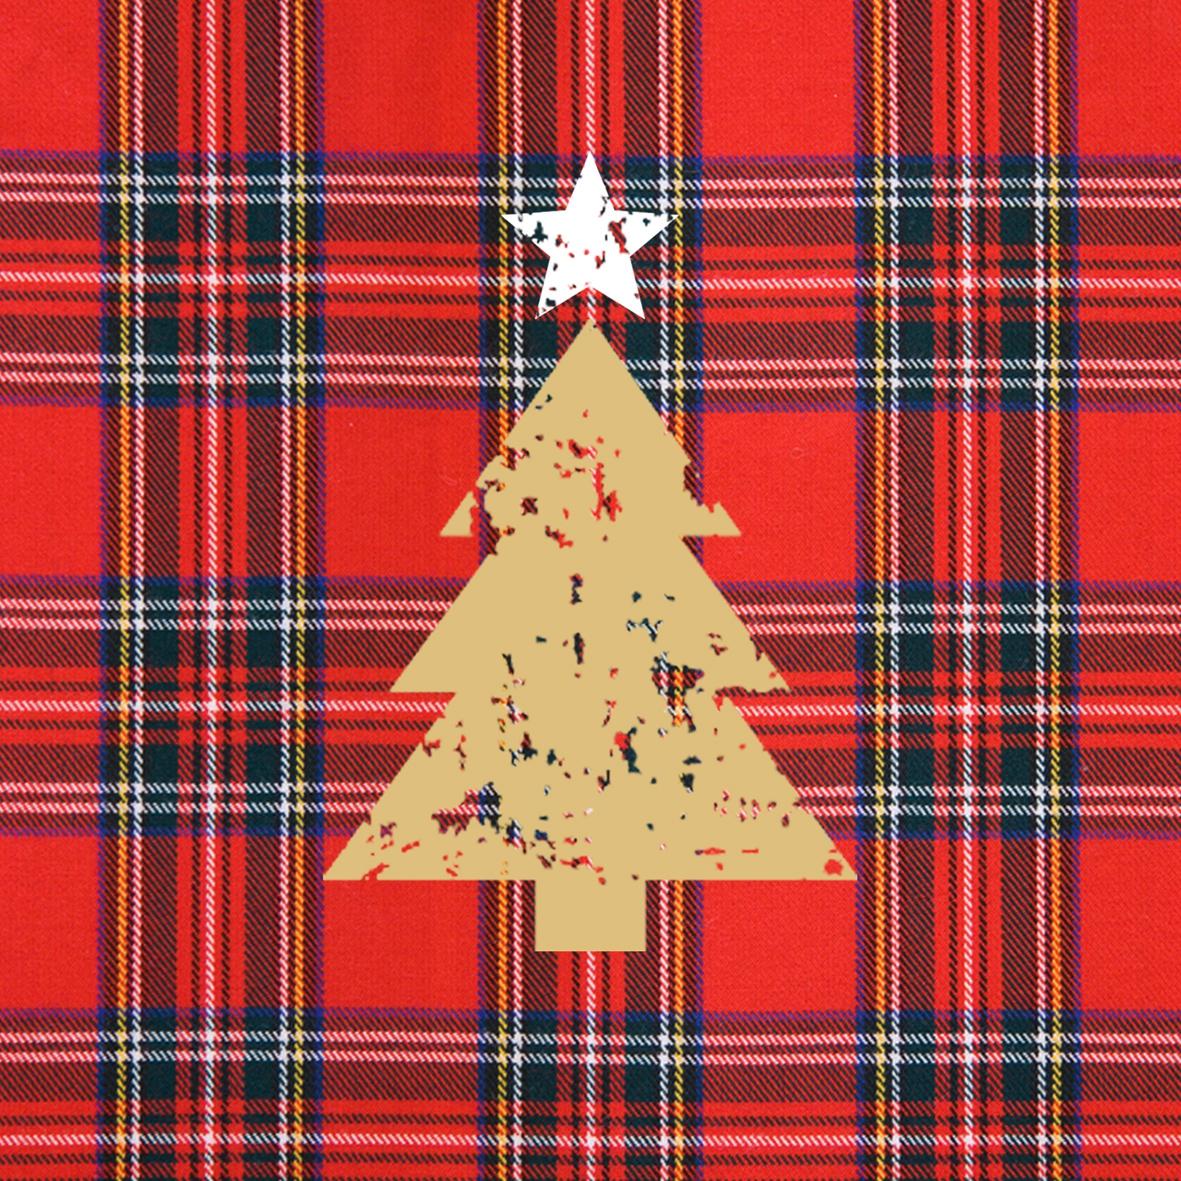 Cocktail Servietten Tartan Tree red,  Weihnachten - Weihnachtsbaum,  Sonstiges - Muster,  Weihnachten,  cocktail servietten,  Weihnachtsbaum